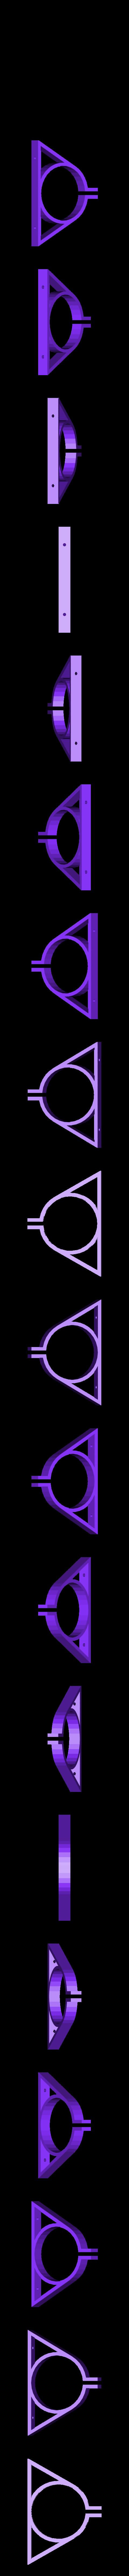 invelox_support.stl Download free STL file invelox • 3D printable template, Pudedrik